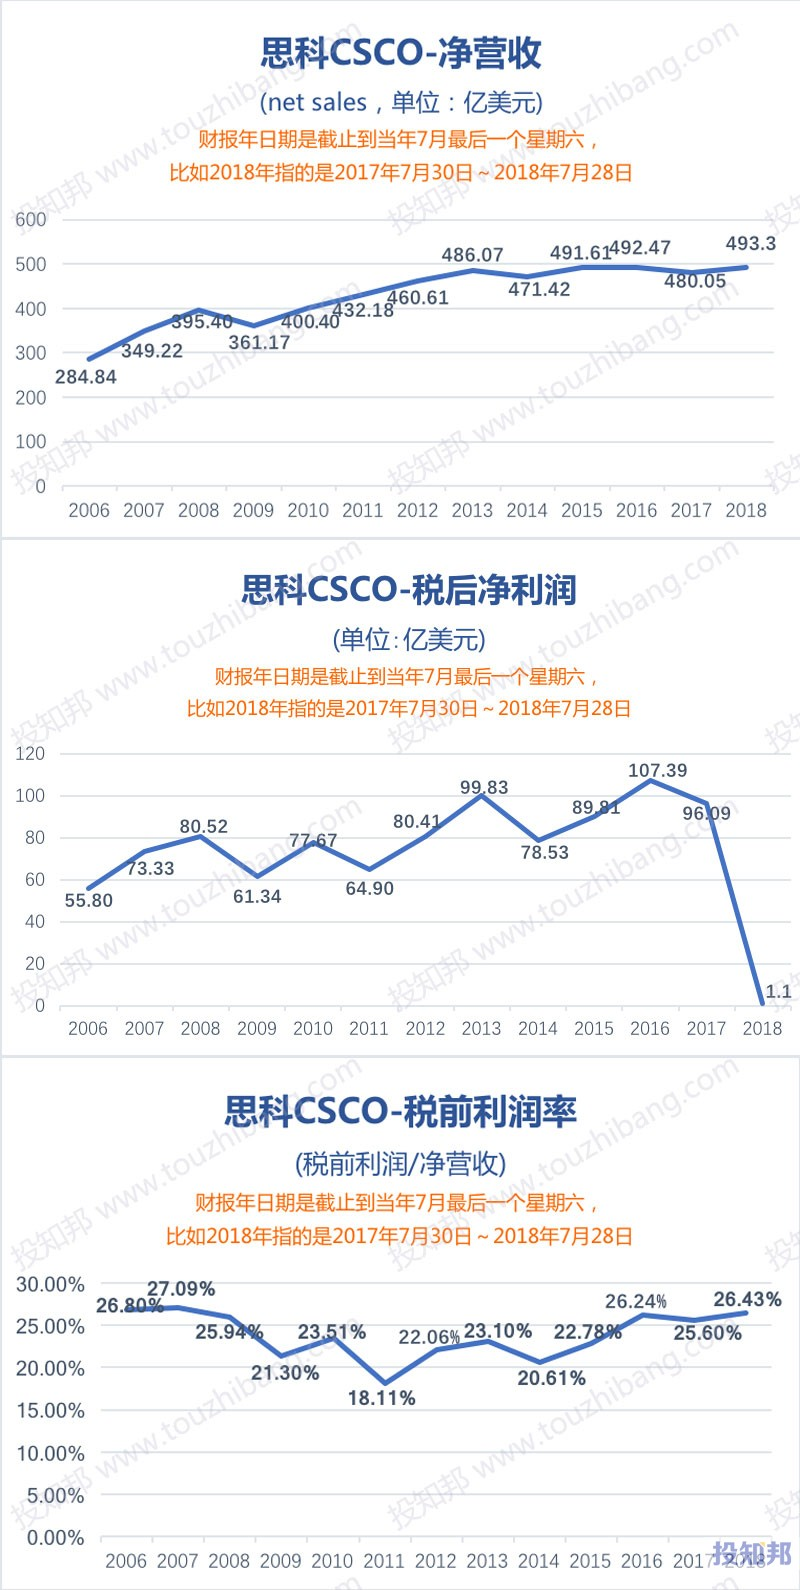 图解思科(CSCO)财报数据(2006年至今)